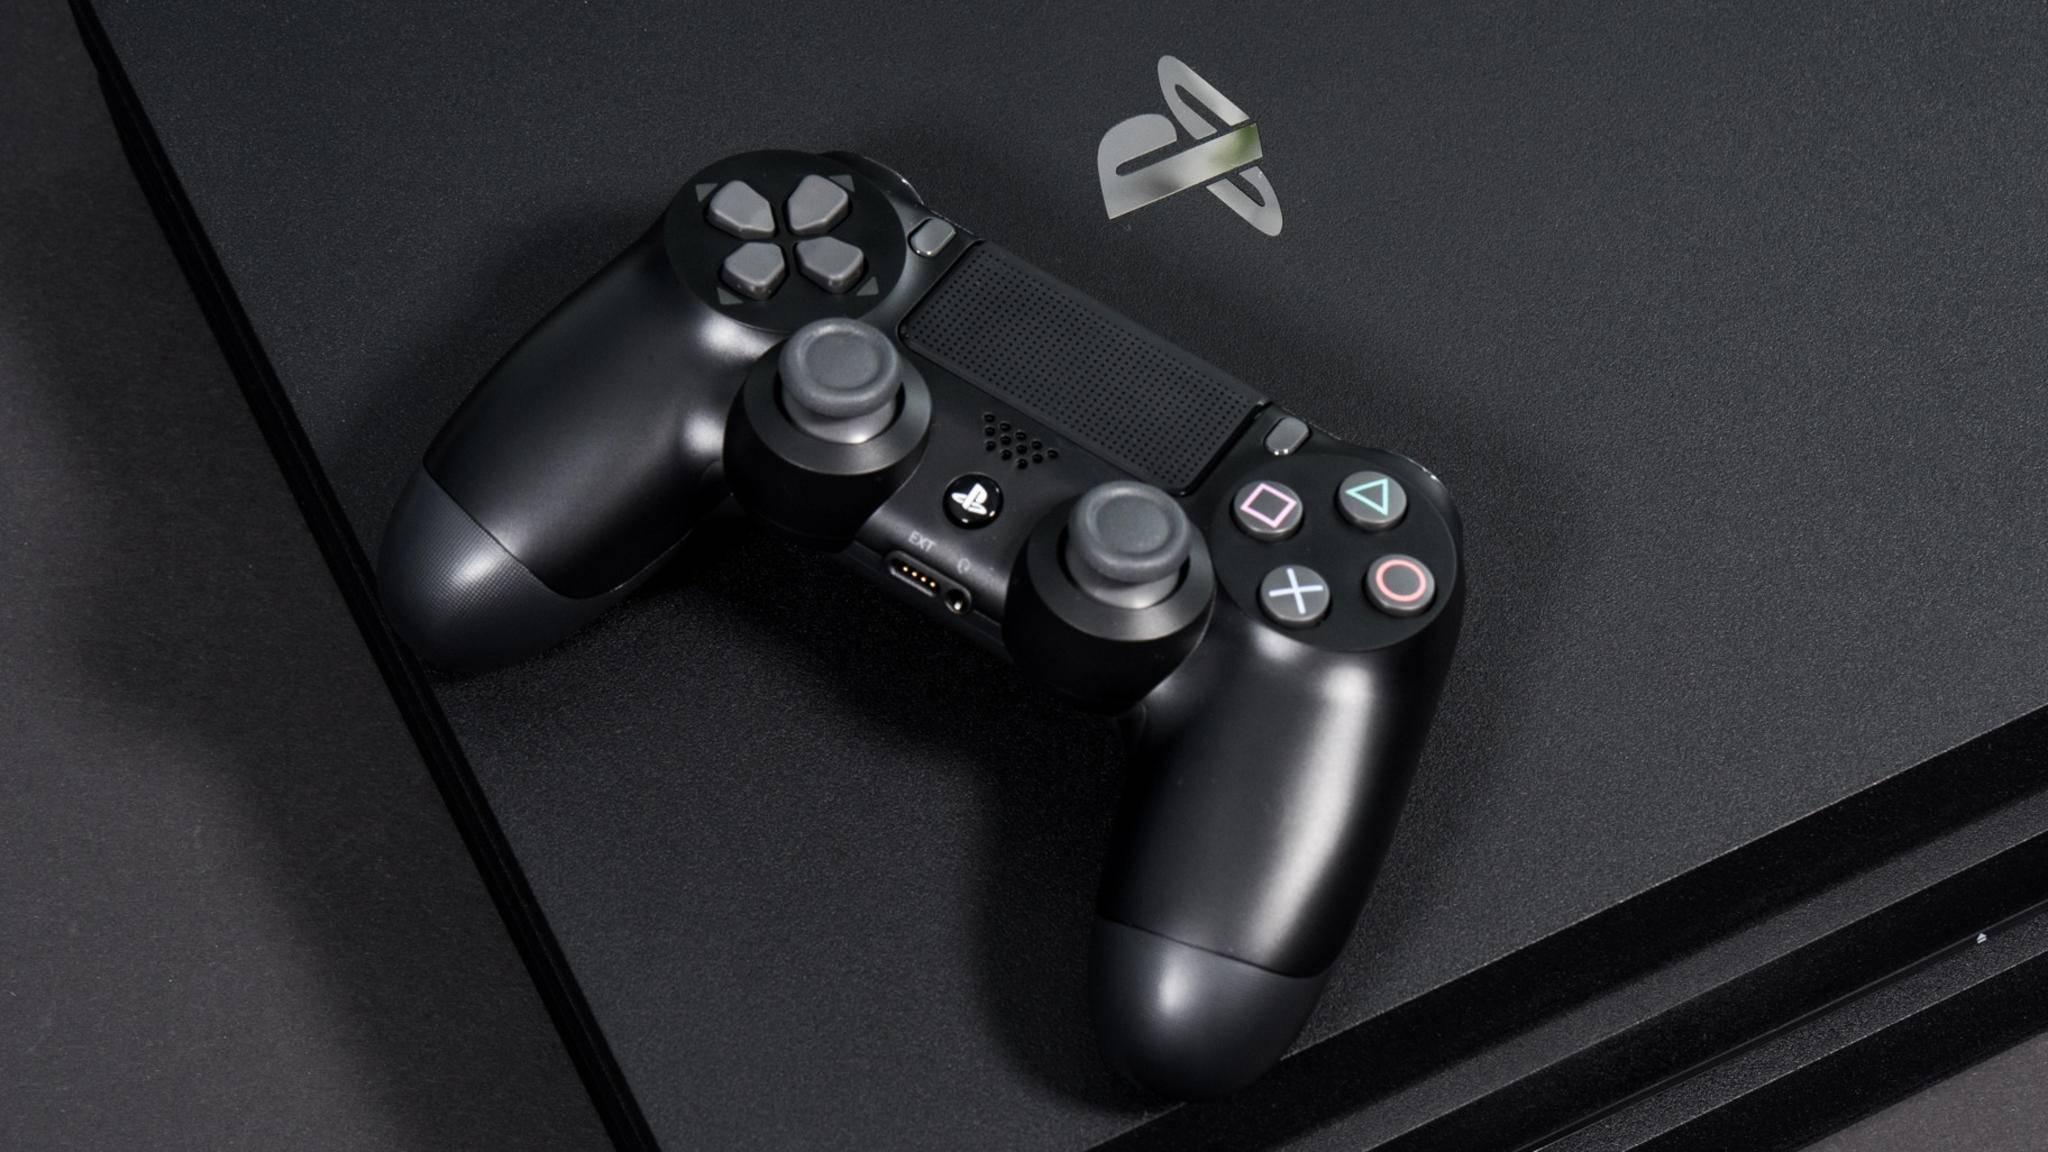 Und, womit hast Du die letzten 10 Jahre auf der PS4 so verbracht?